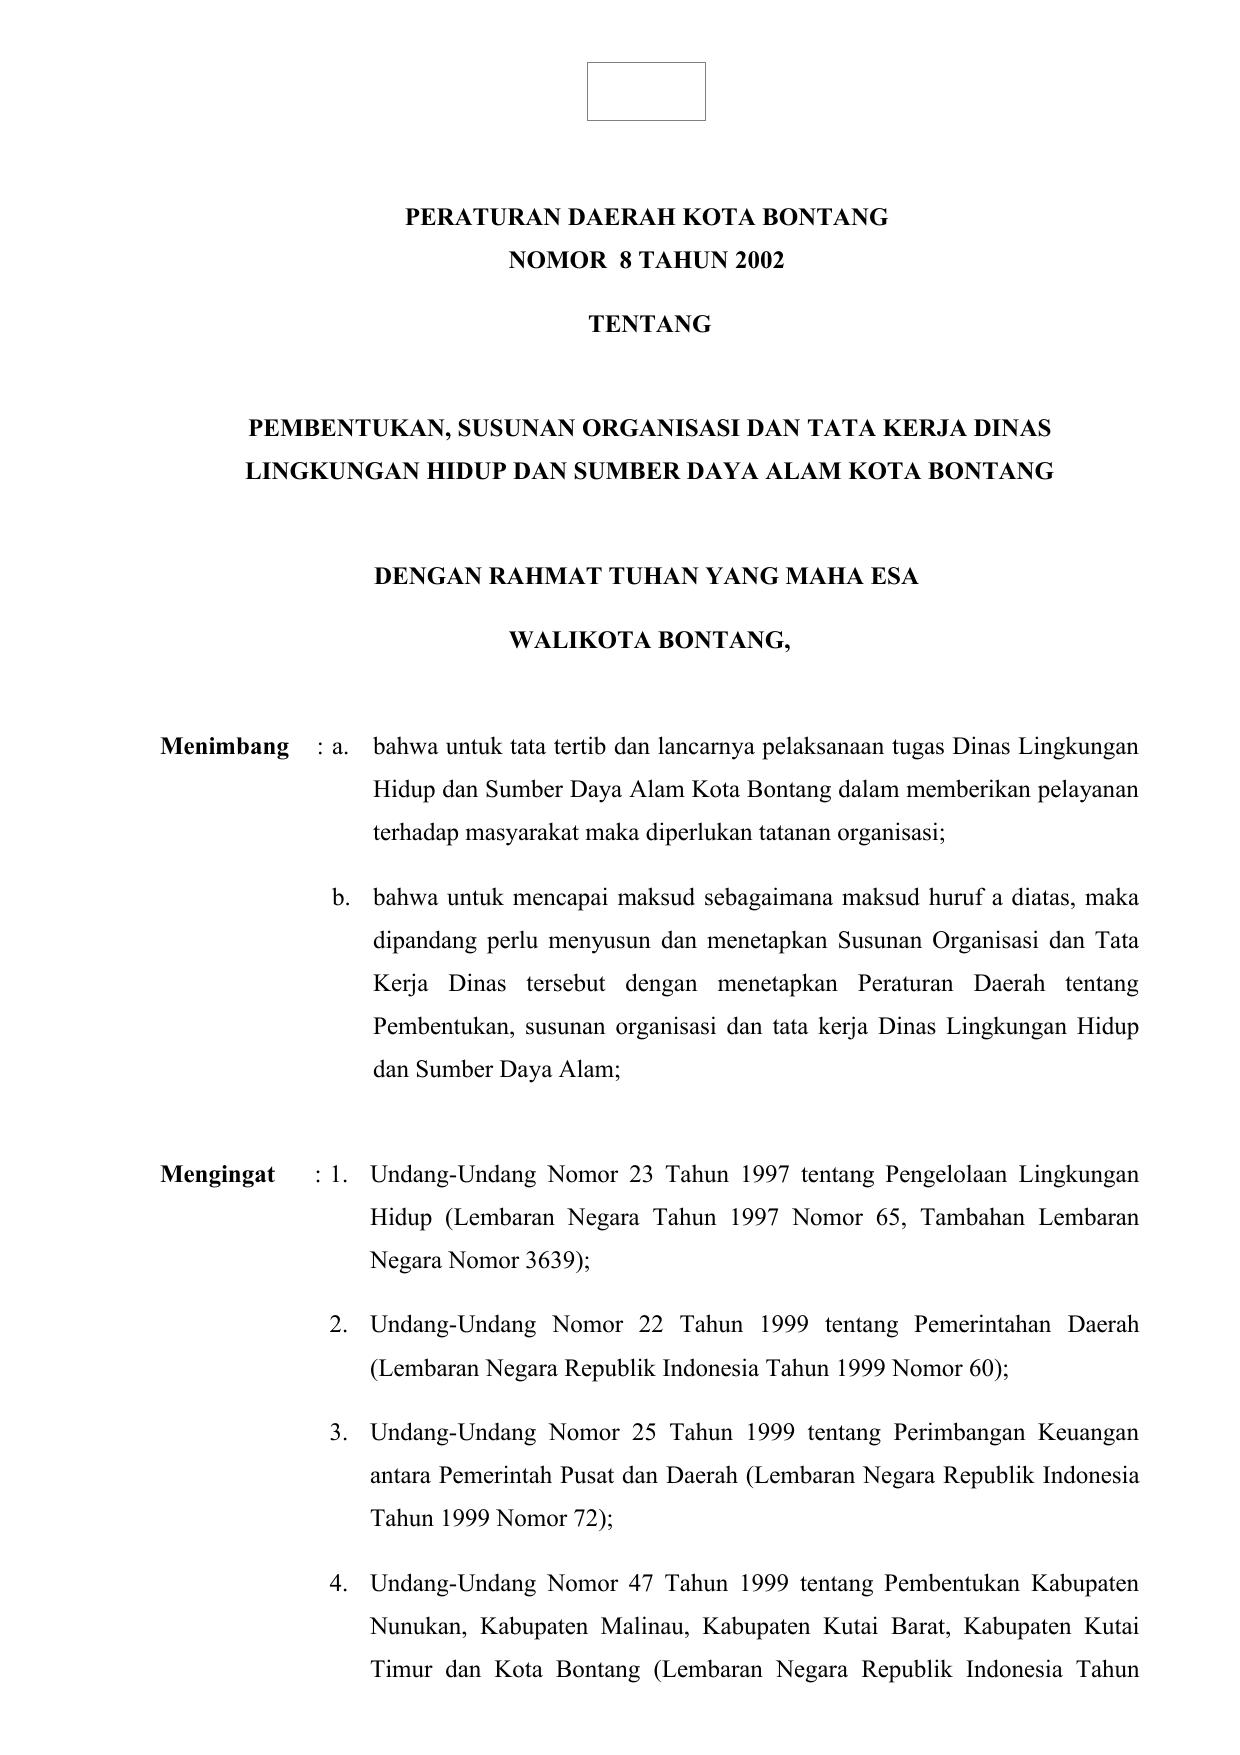 Peraturan Daerah Kota Bontang Nomor 8 Tahun 2002 Tentang